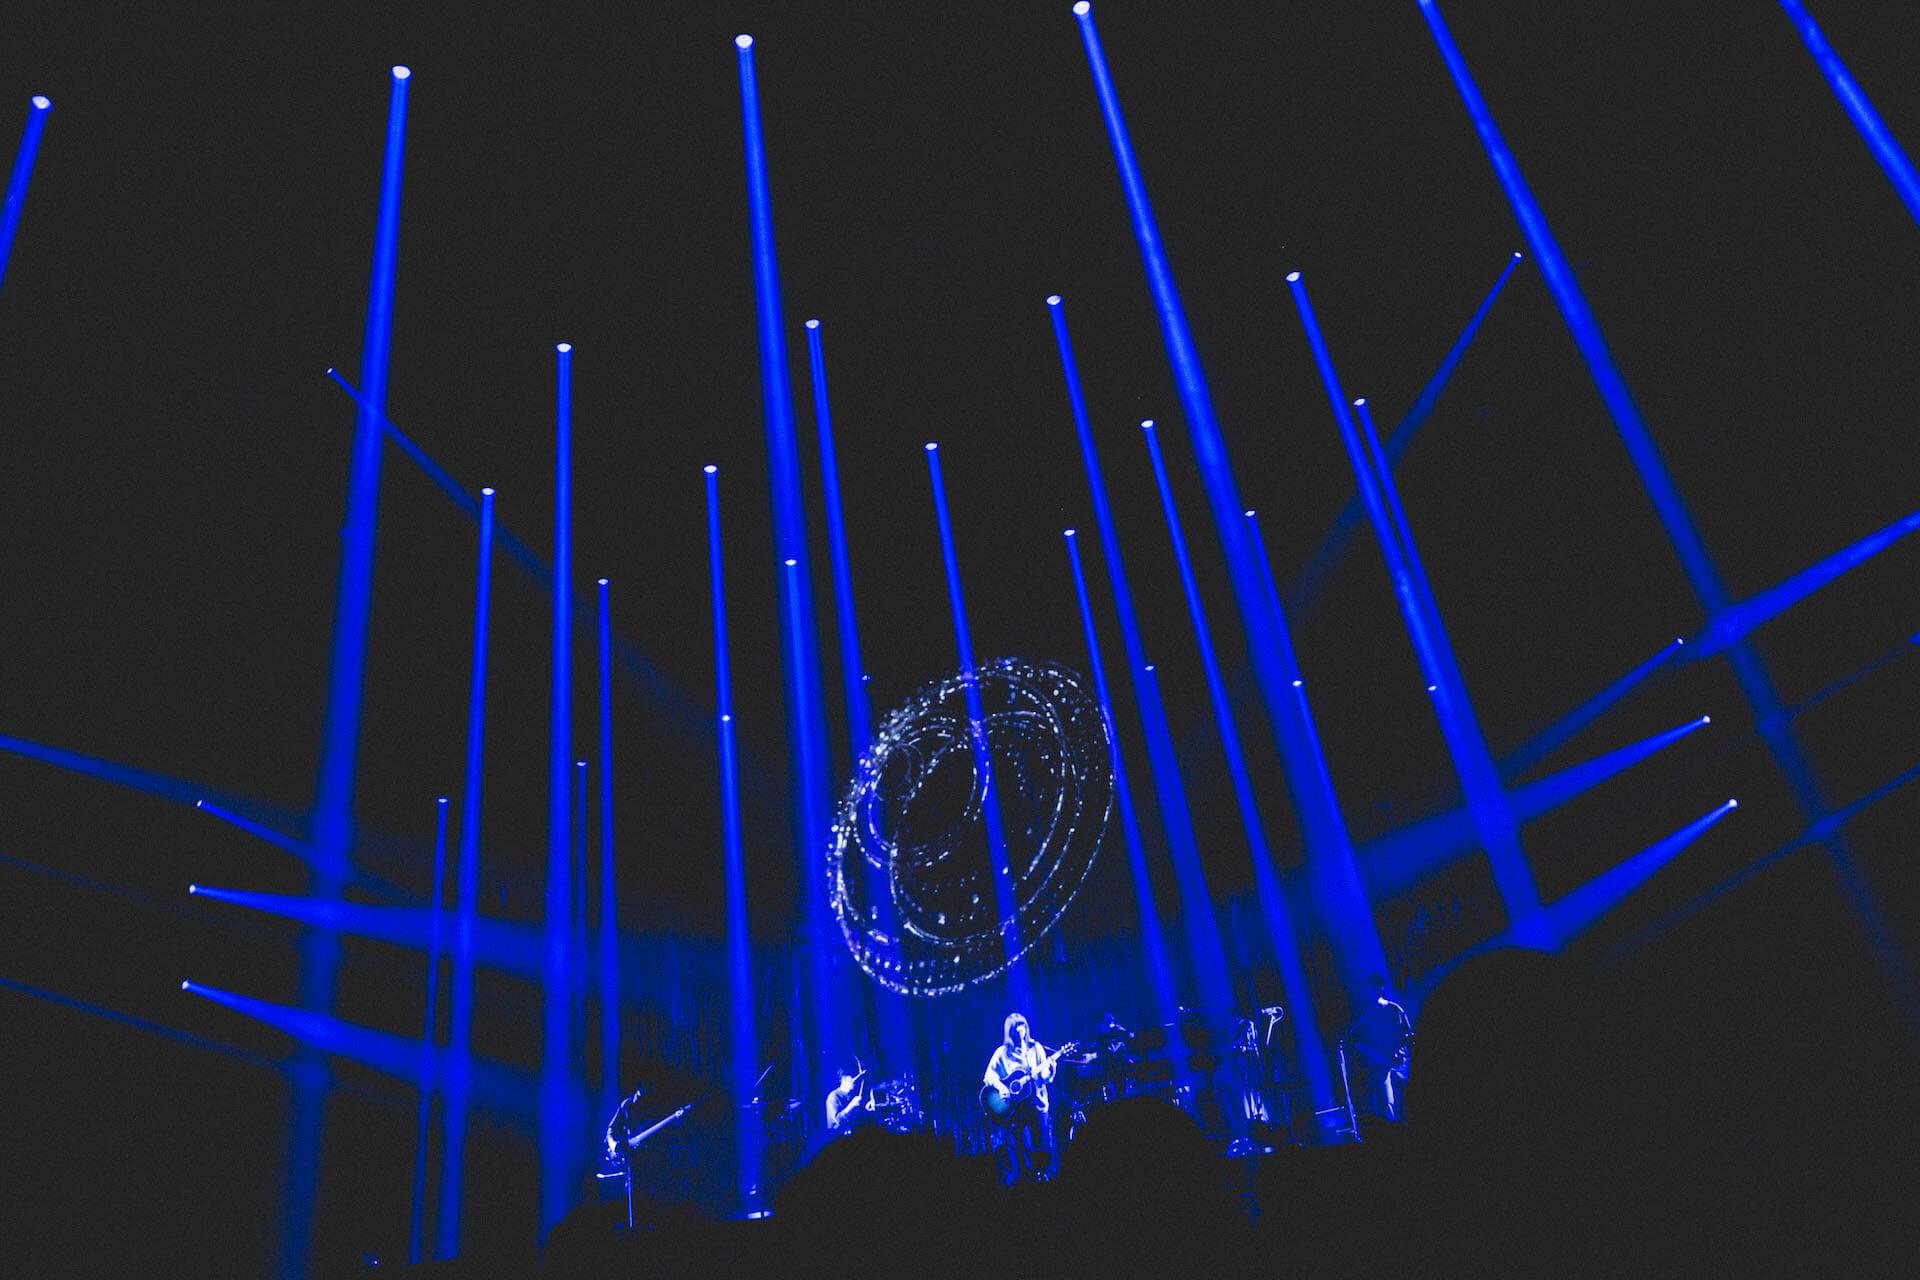 13,000人が大熱狂!あいみょん<AIMYON TOUR 2019 -SIXTH SENSE STORY->最終公演のライブレポートが到着 music191219_aimyon_live_8